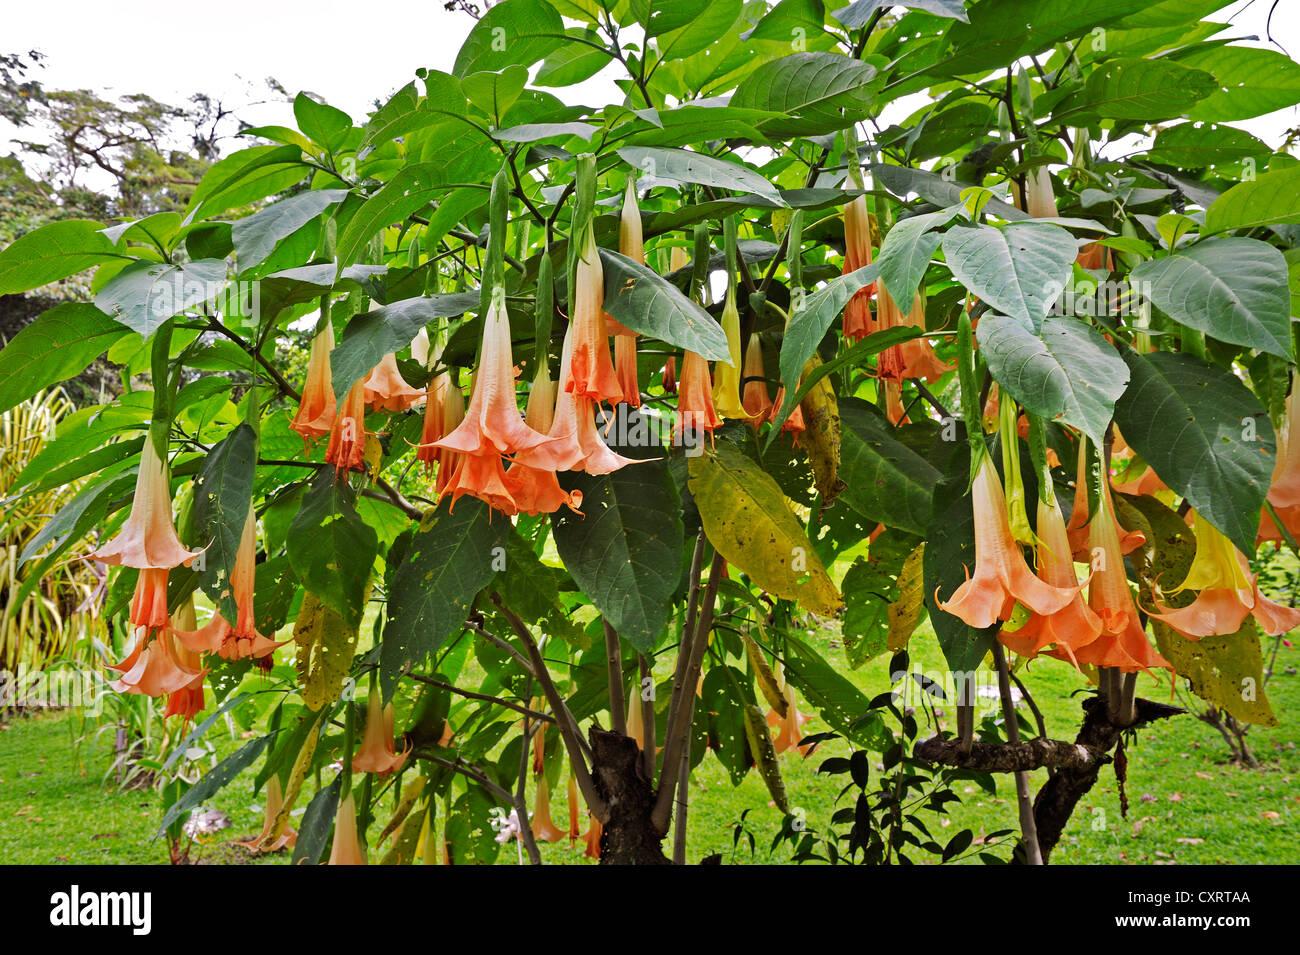 Trumpet Creeper (Campsis), Alajuela Province, Costa Rica, Central America - Stock Image